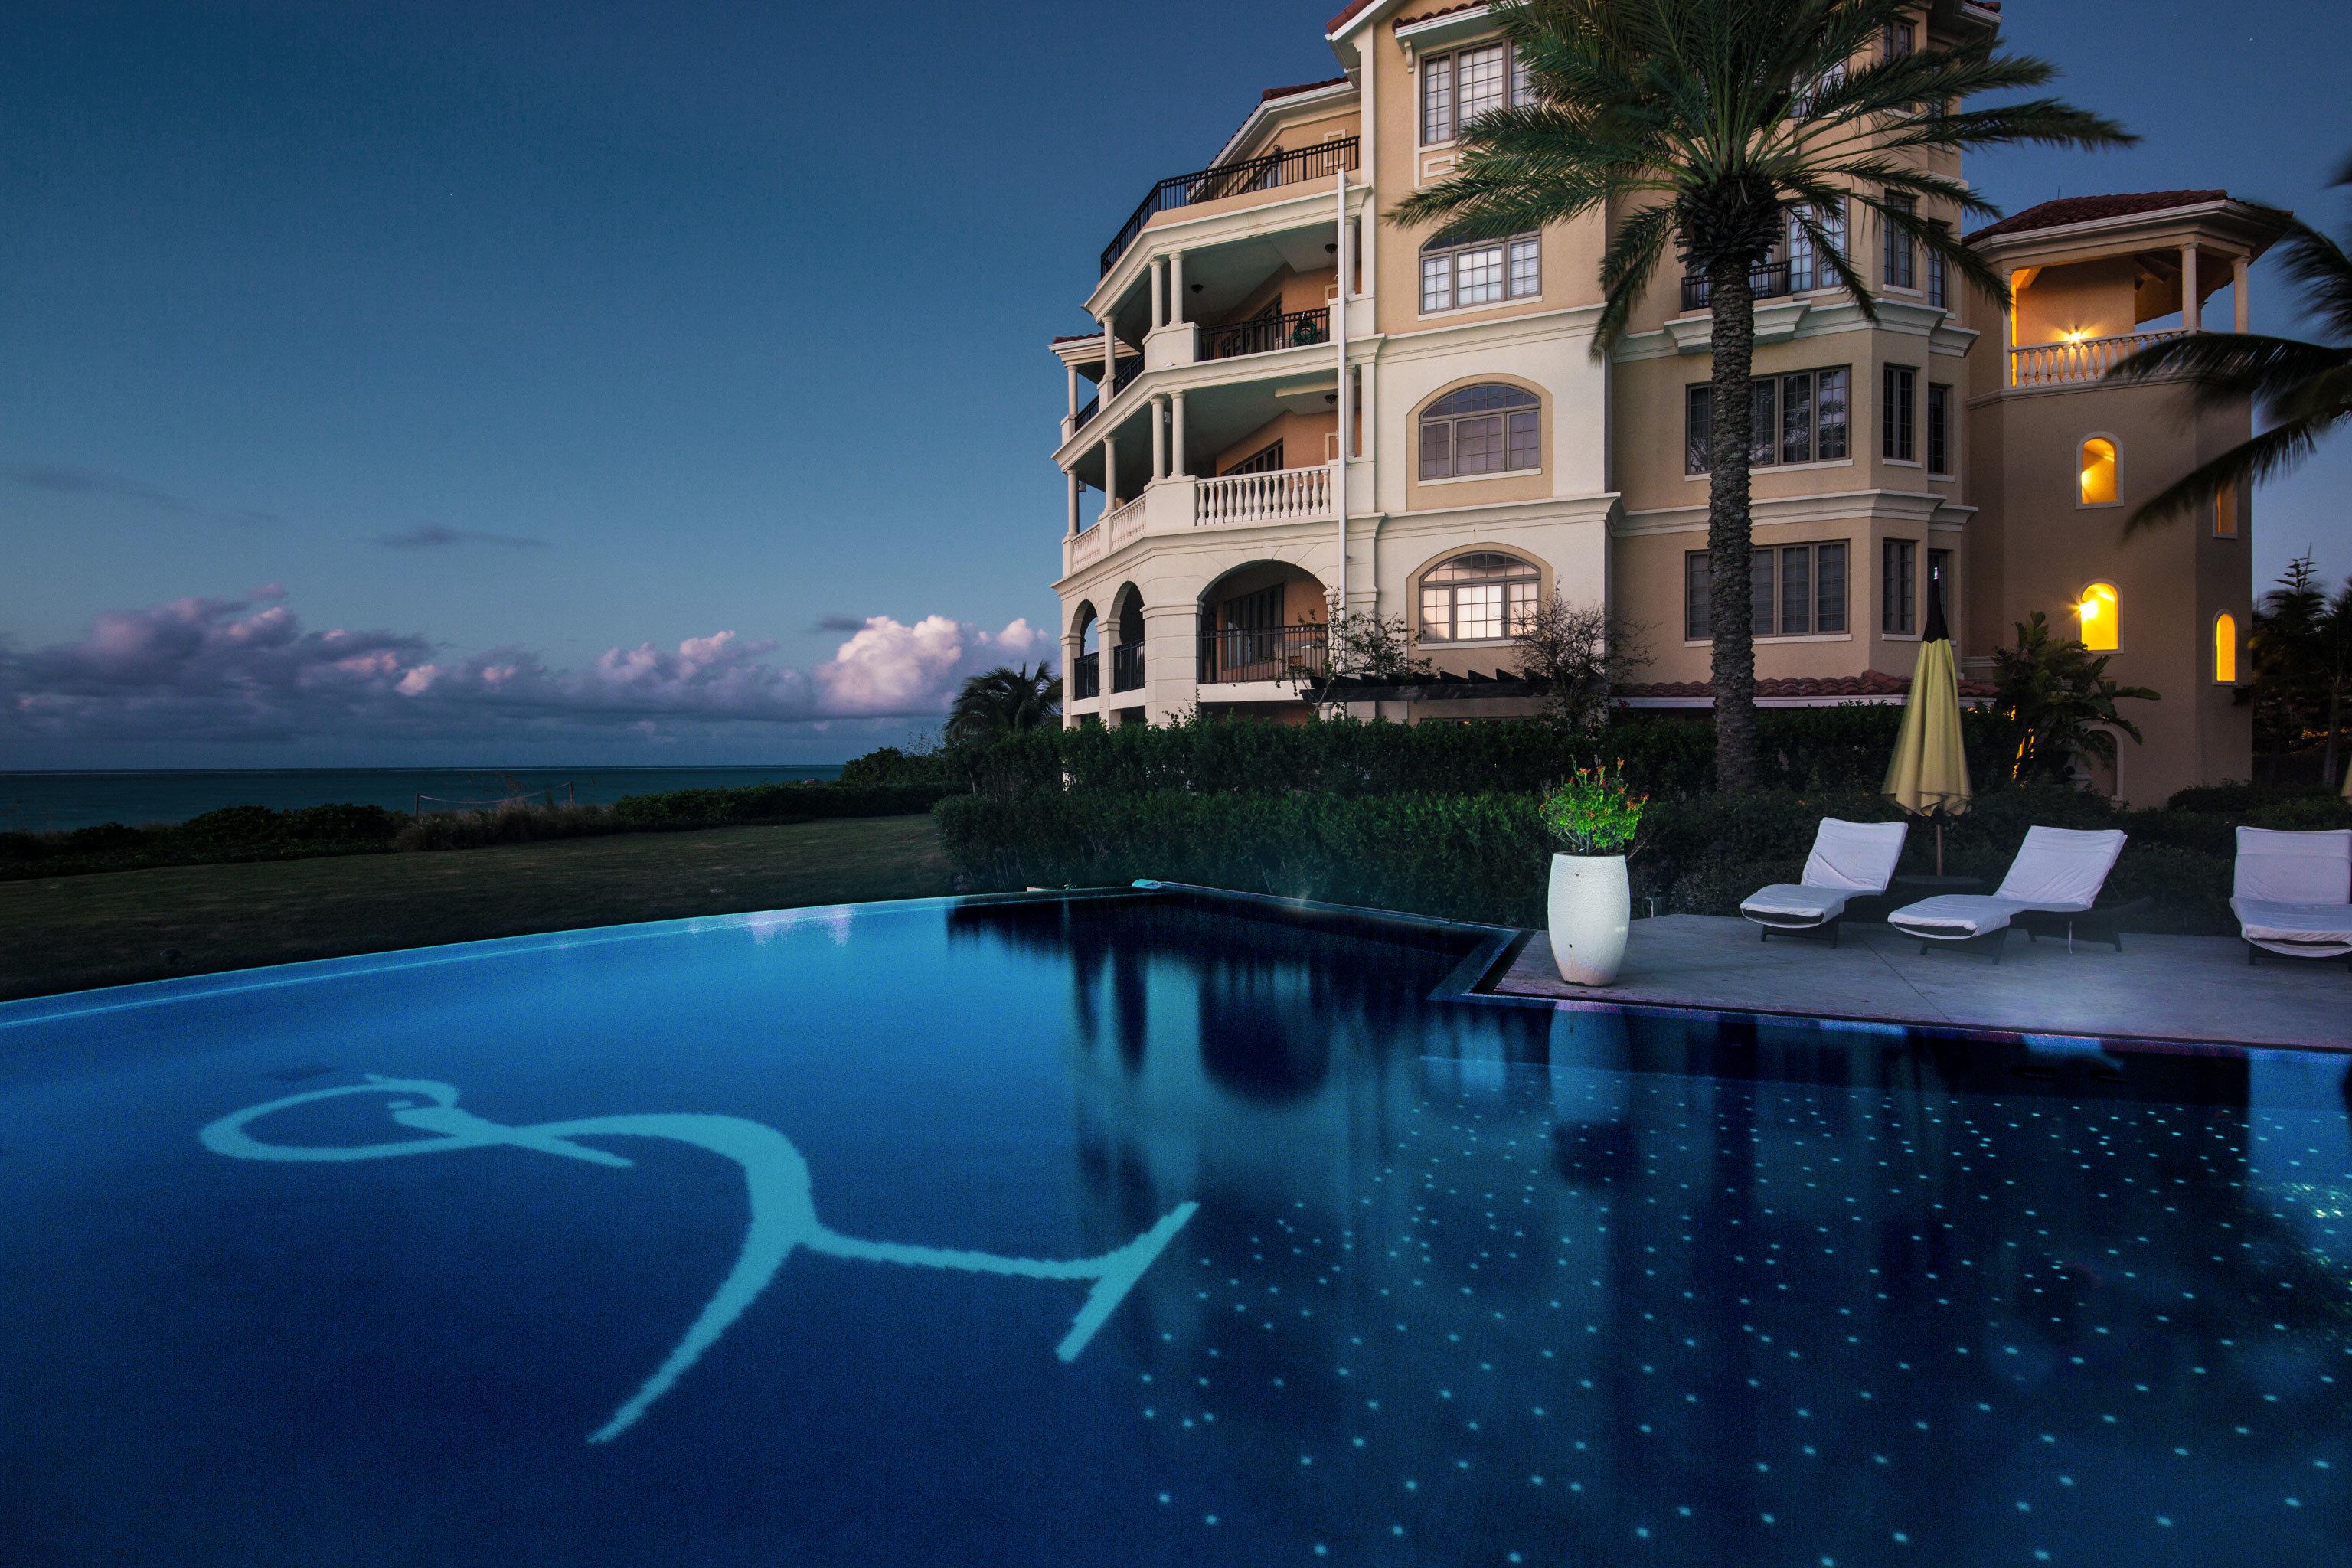 Beachfront Buildings Grounds Resort Scenic views water swimming pool house night mansion condominium